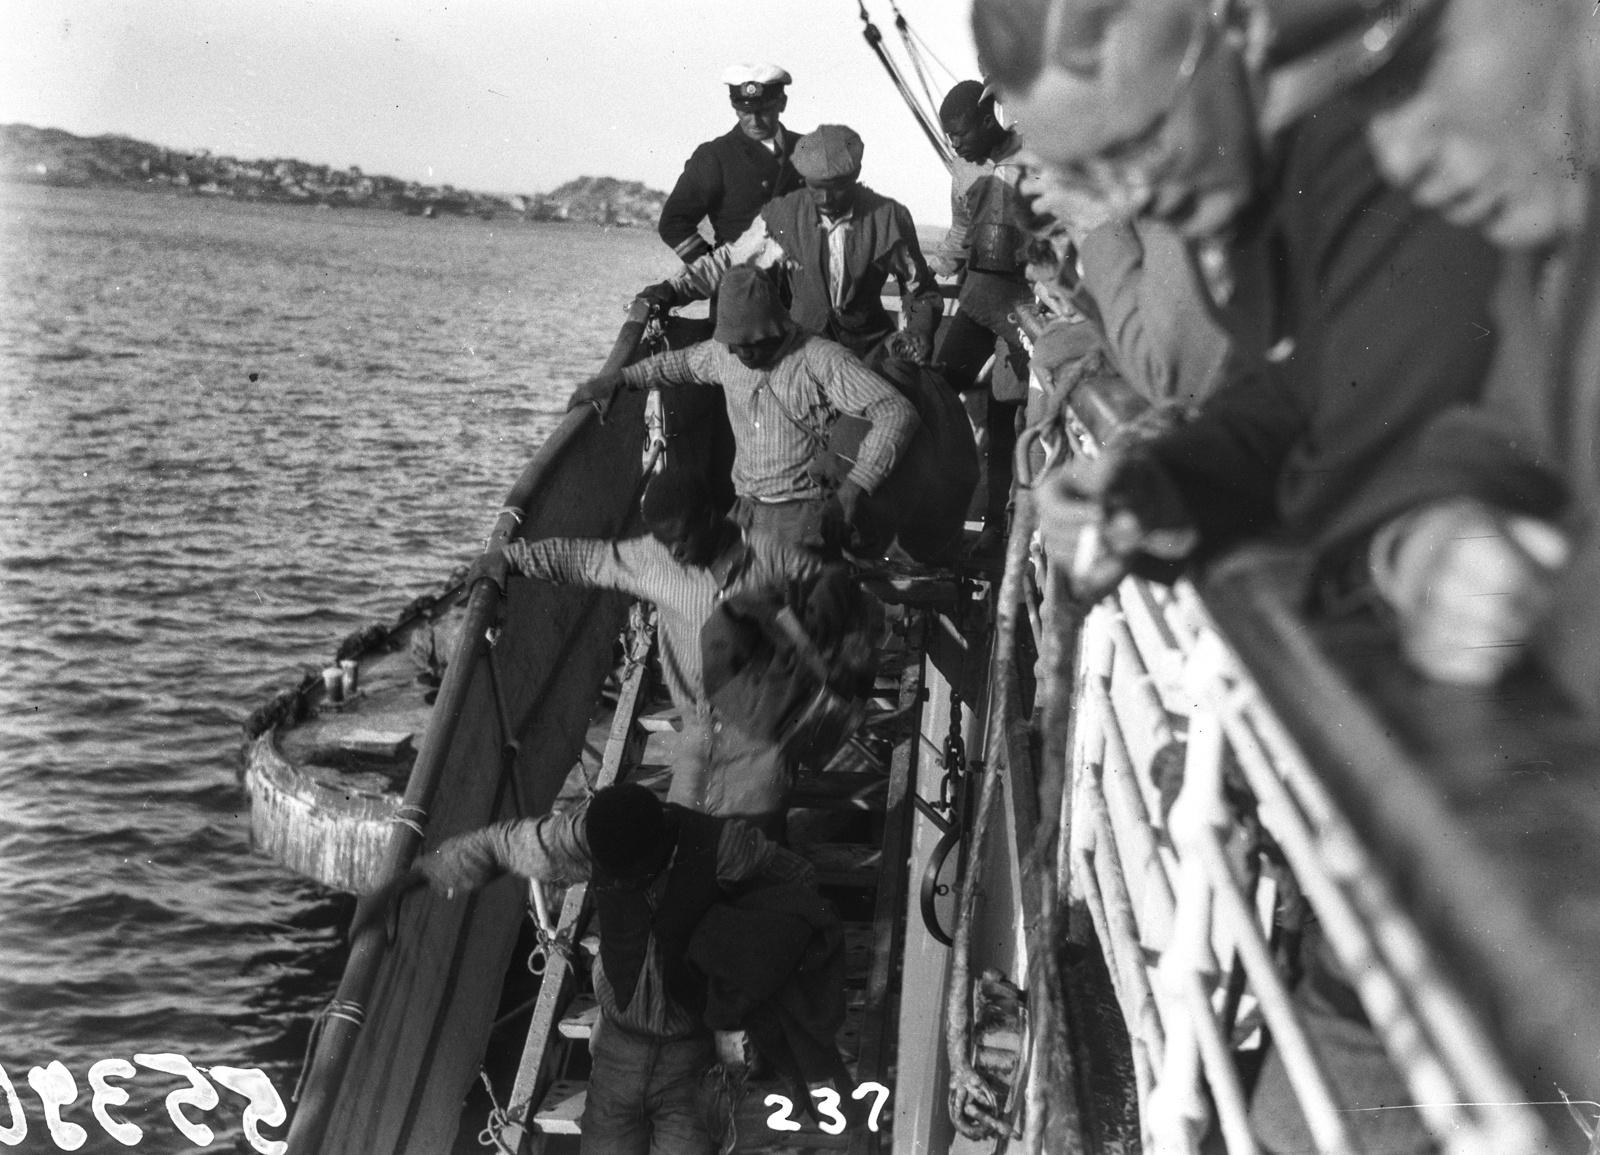 Южно-Африканский Союз. Порт-Элизабет. Вид с перил парохода Усамбара на группу людей, покидающих корабль